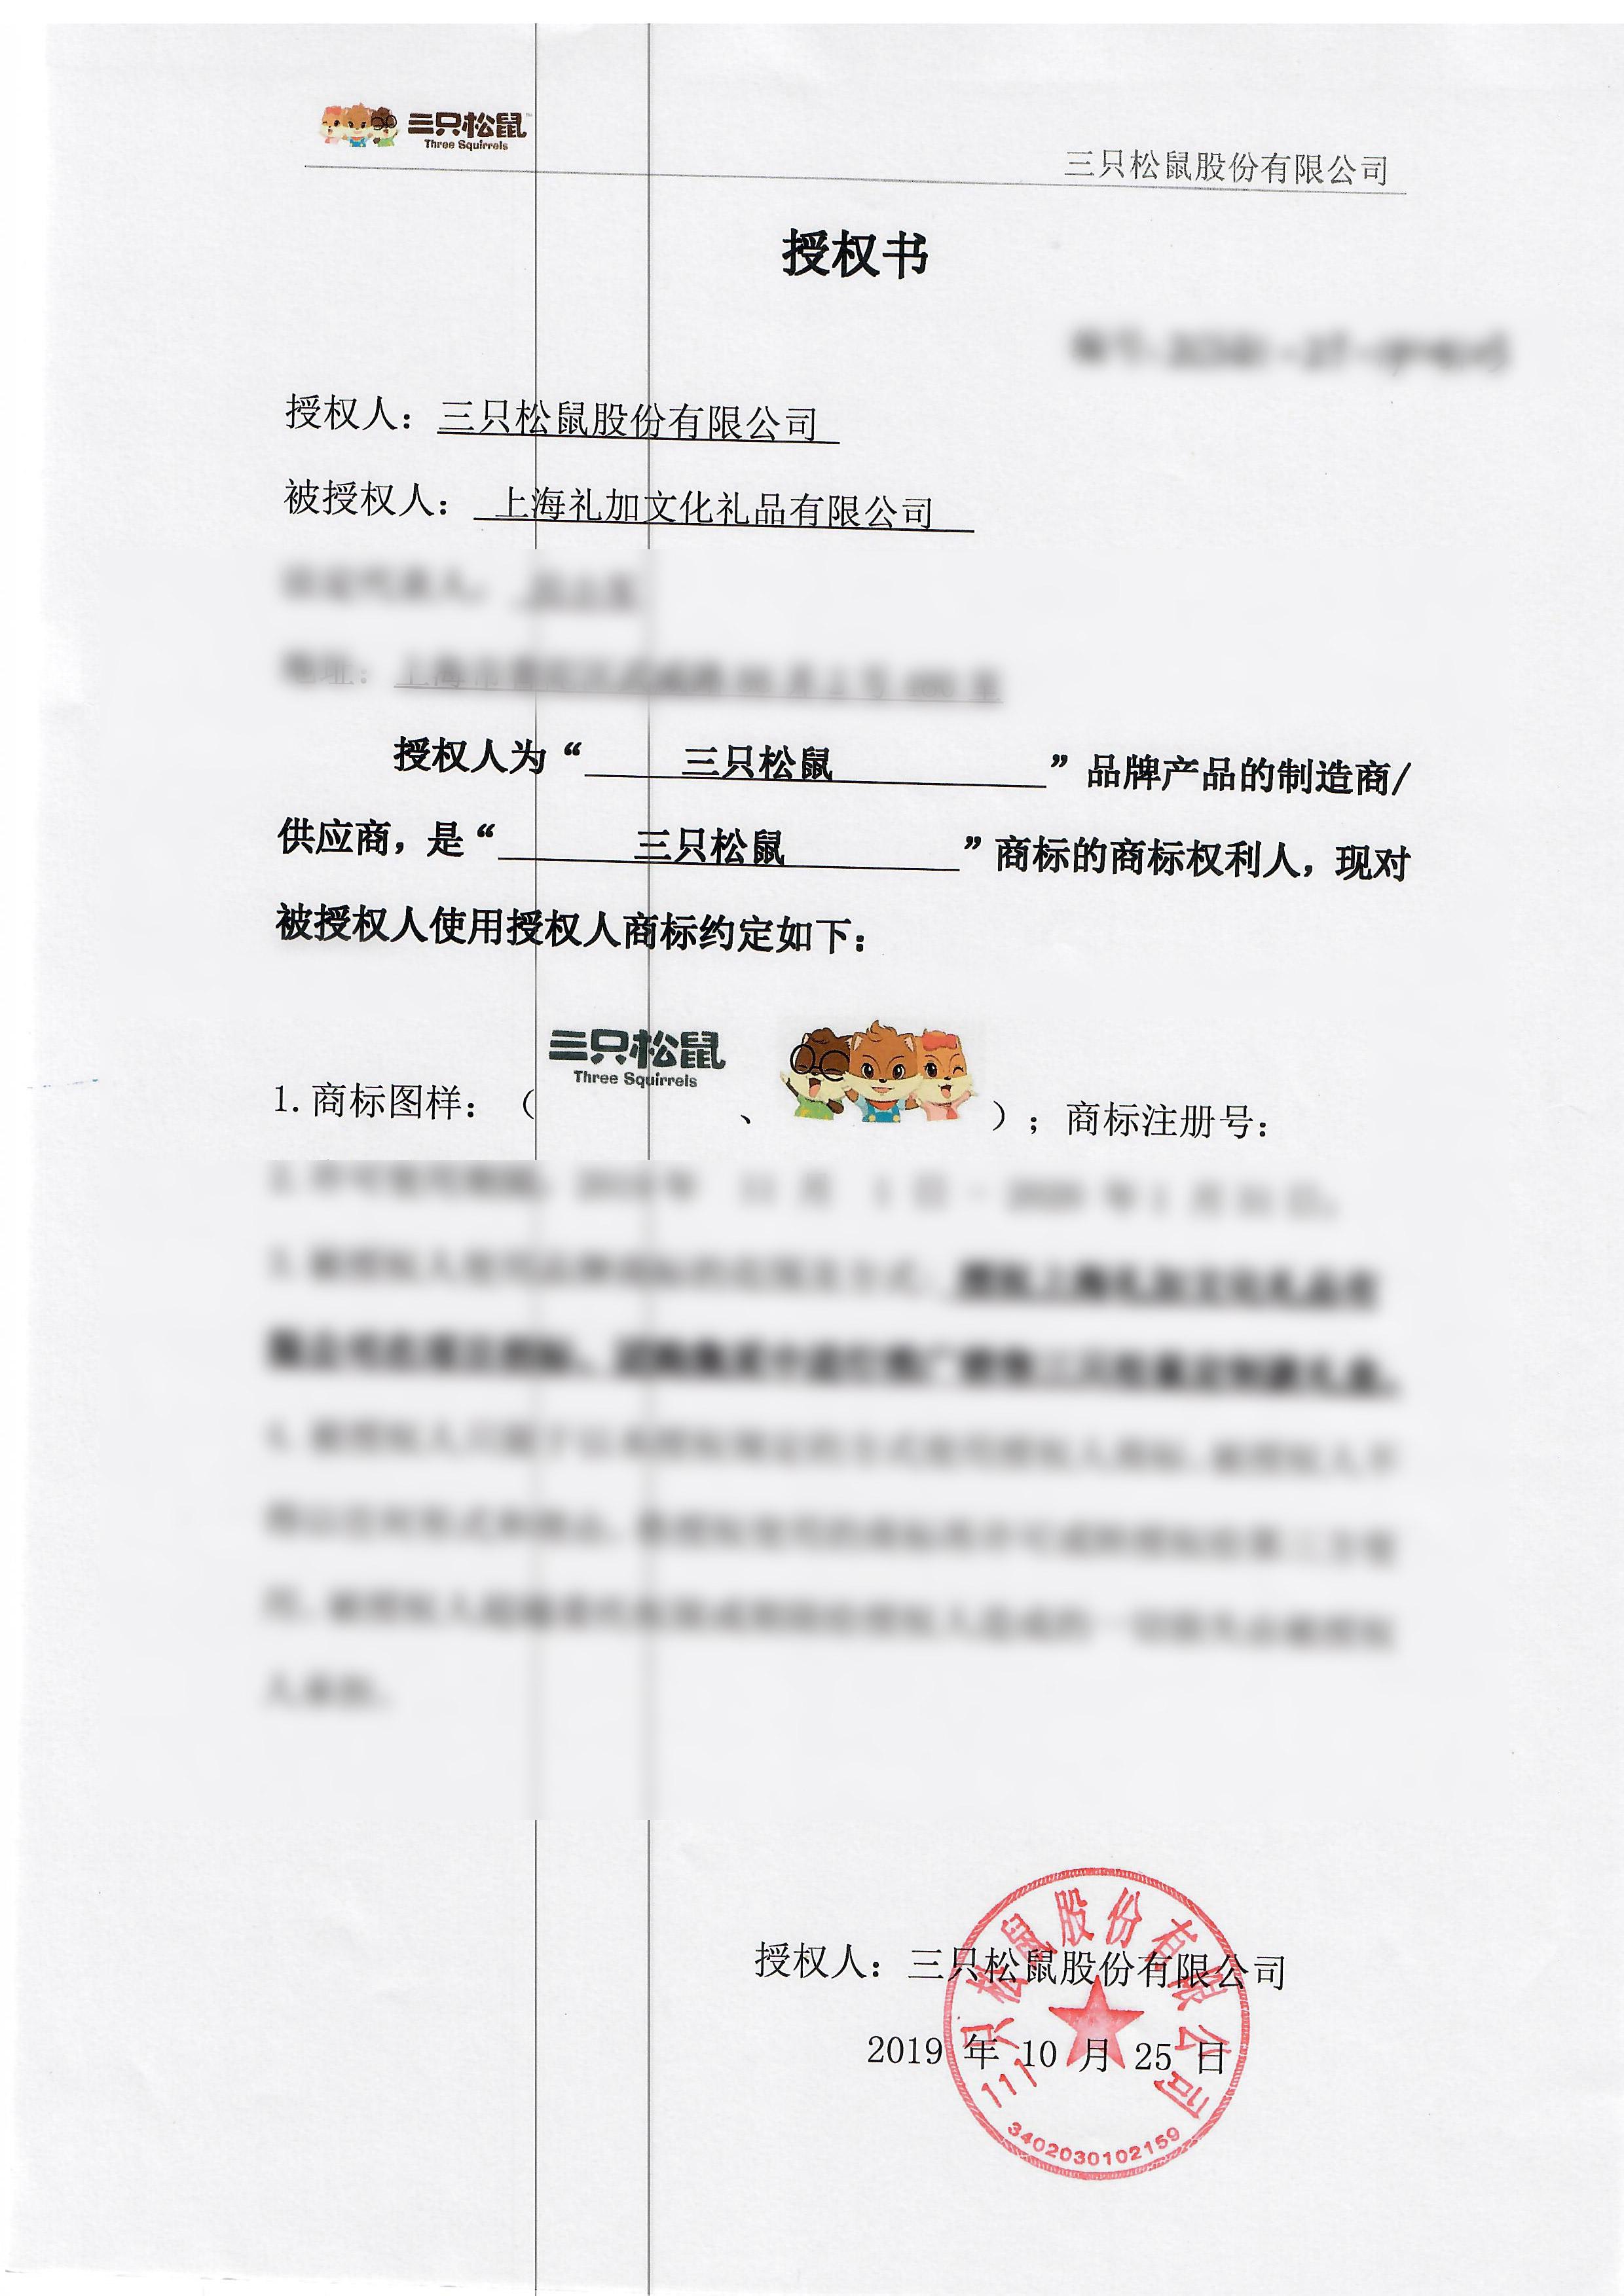 上海礼加文化礼品获三只松鼠的授权